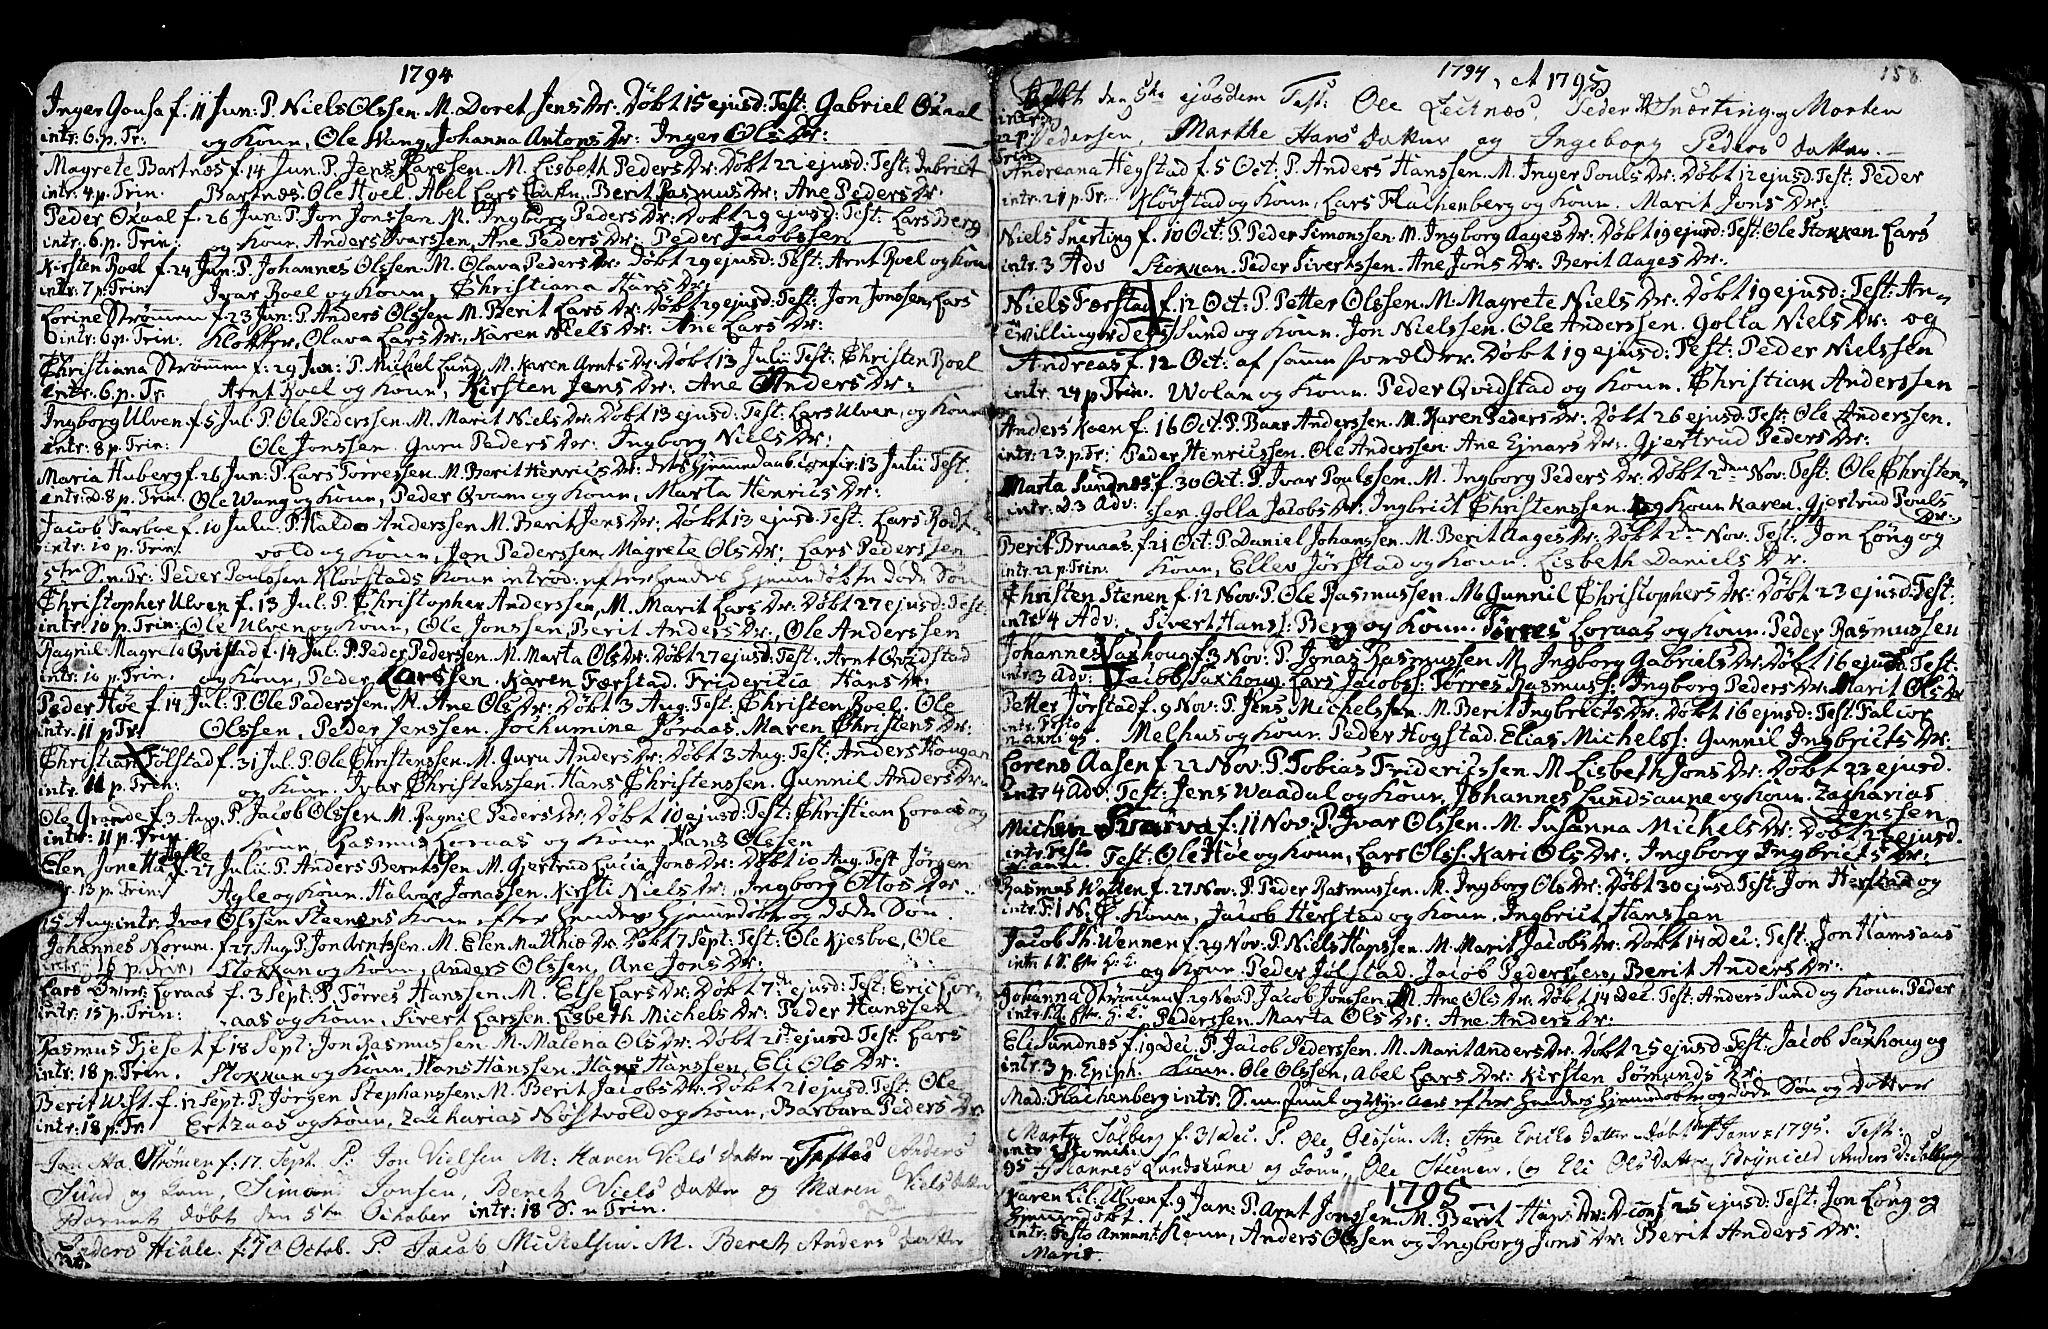 SAT, Ministerialprotokoller, klokkerbøker og fødselsregistre - Nord-Trøndelag, 730/L0273: Ministerialbok nr. 730A02, 1762-1802, s. 158